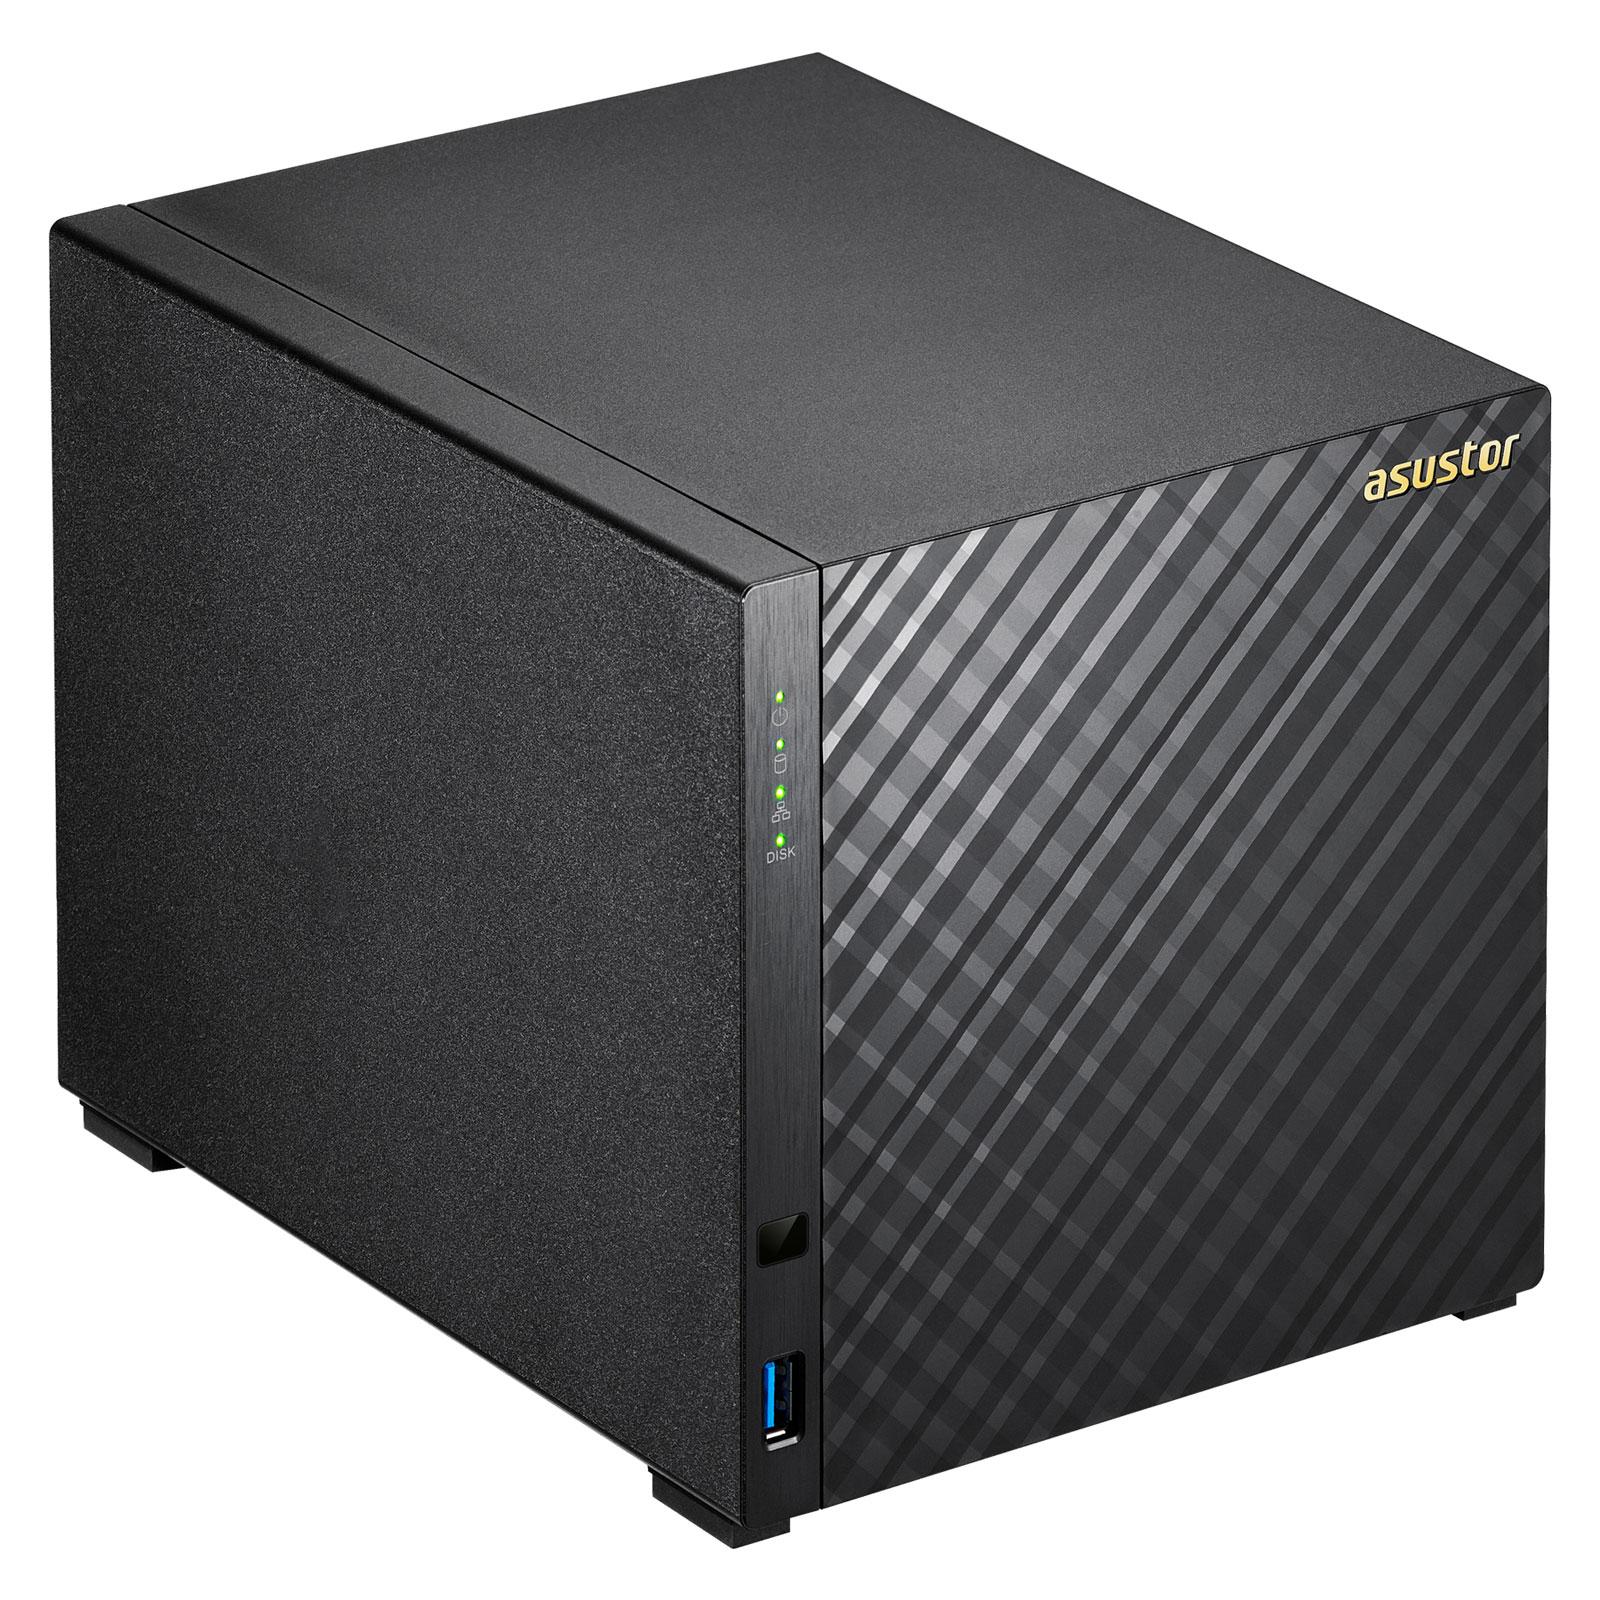 Asustor AS3204T - 4 HDD - Serveur NAS Asustor - Cybertek.fr - 3